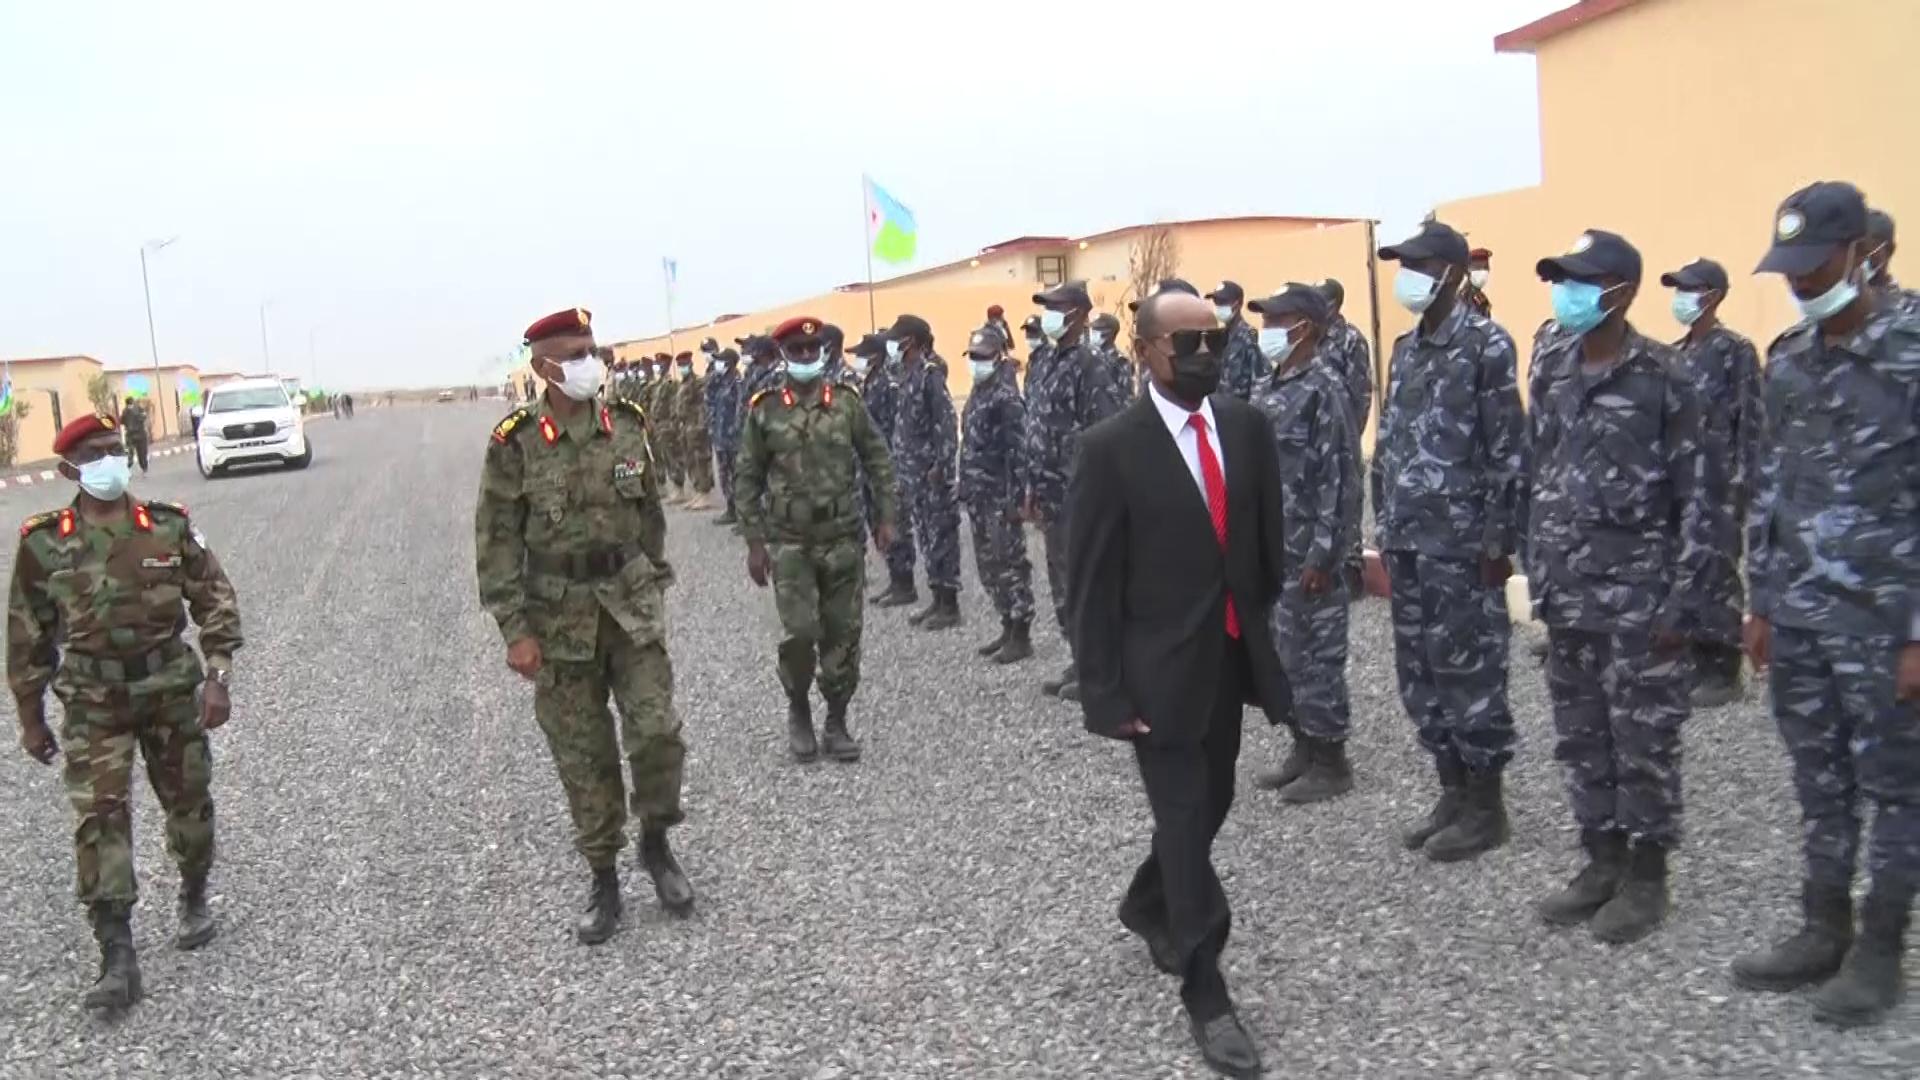 Cérémonie d'inauguration du 1er lot de 200 logements sociaux militaires